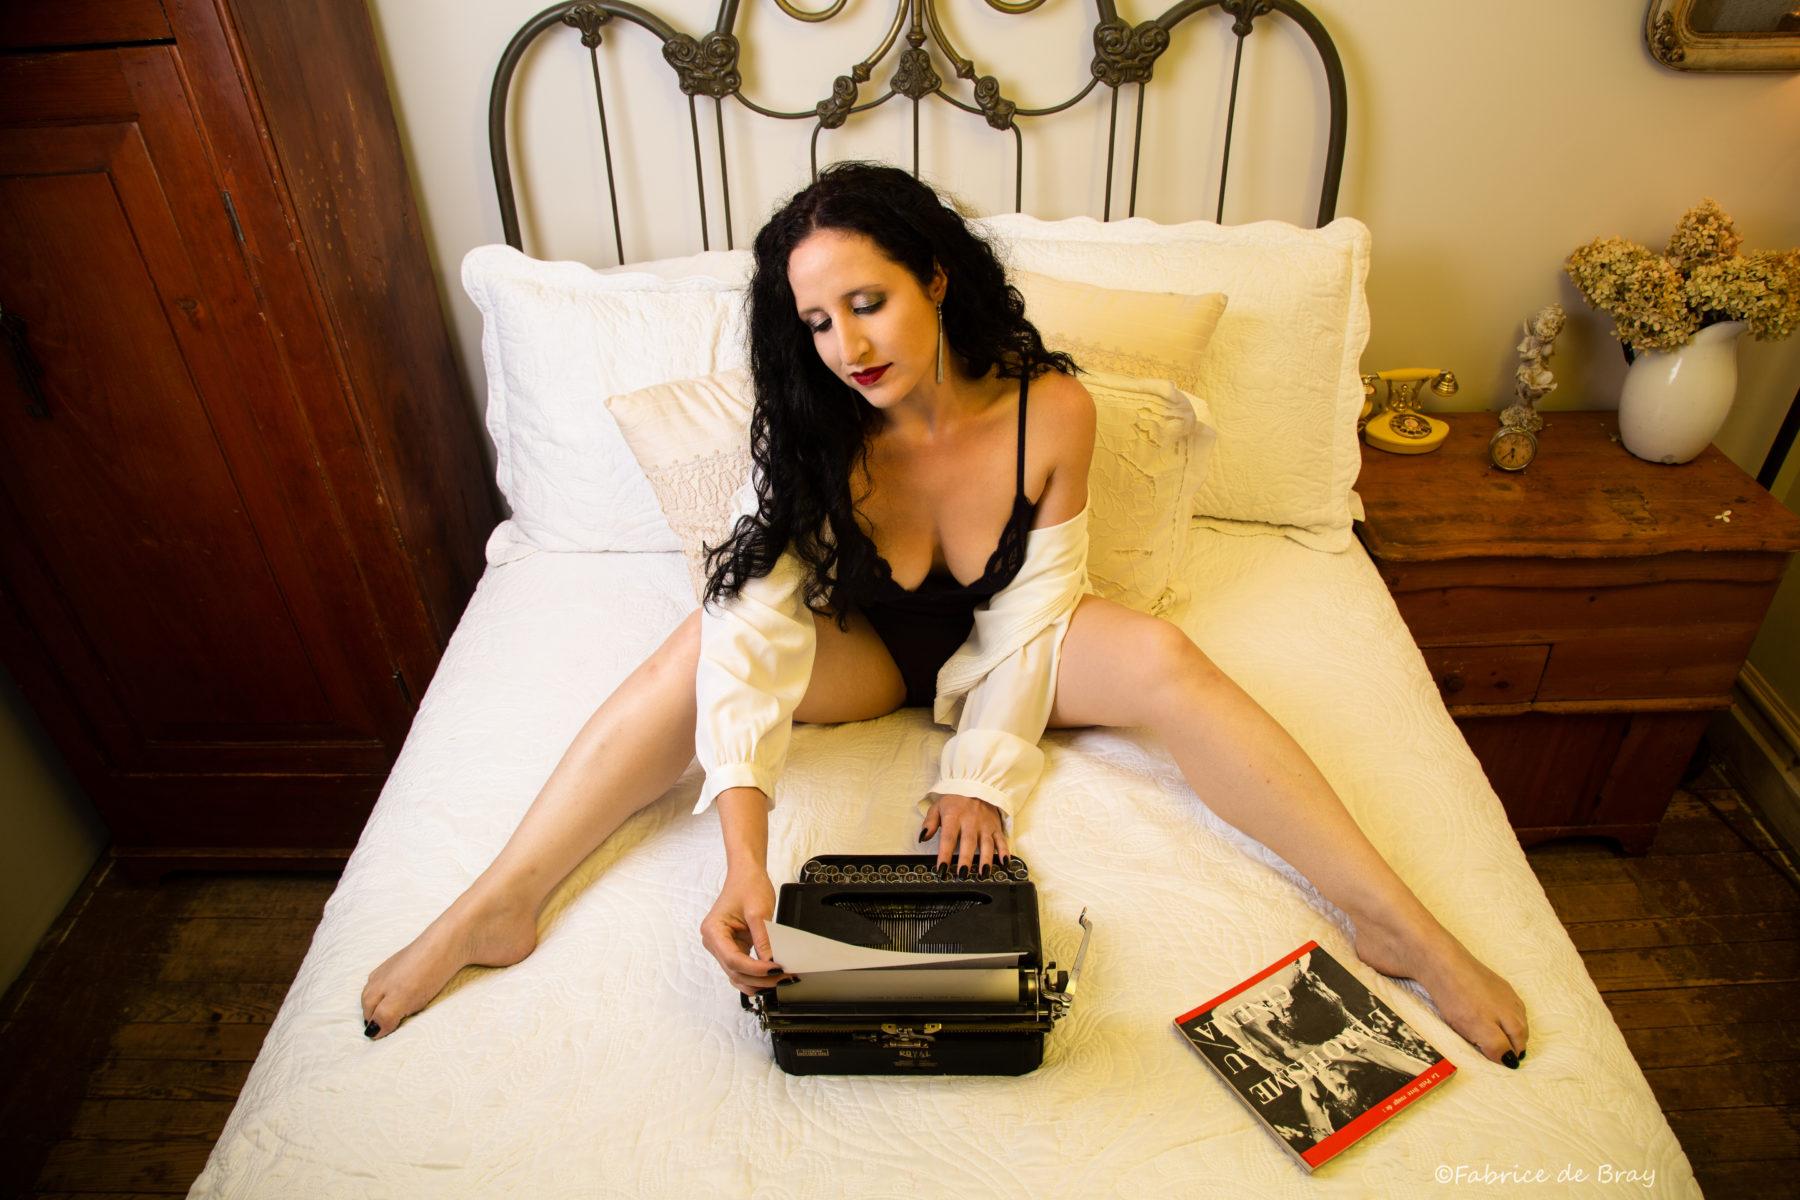 Lexi Sylver Erotica SDC presents Seek Discover Create Podcast